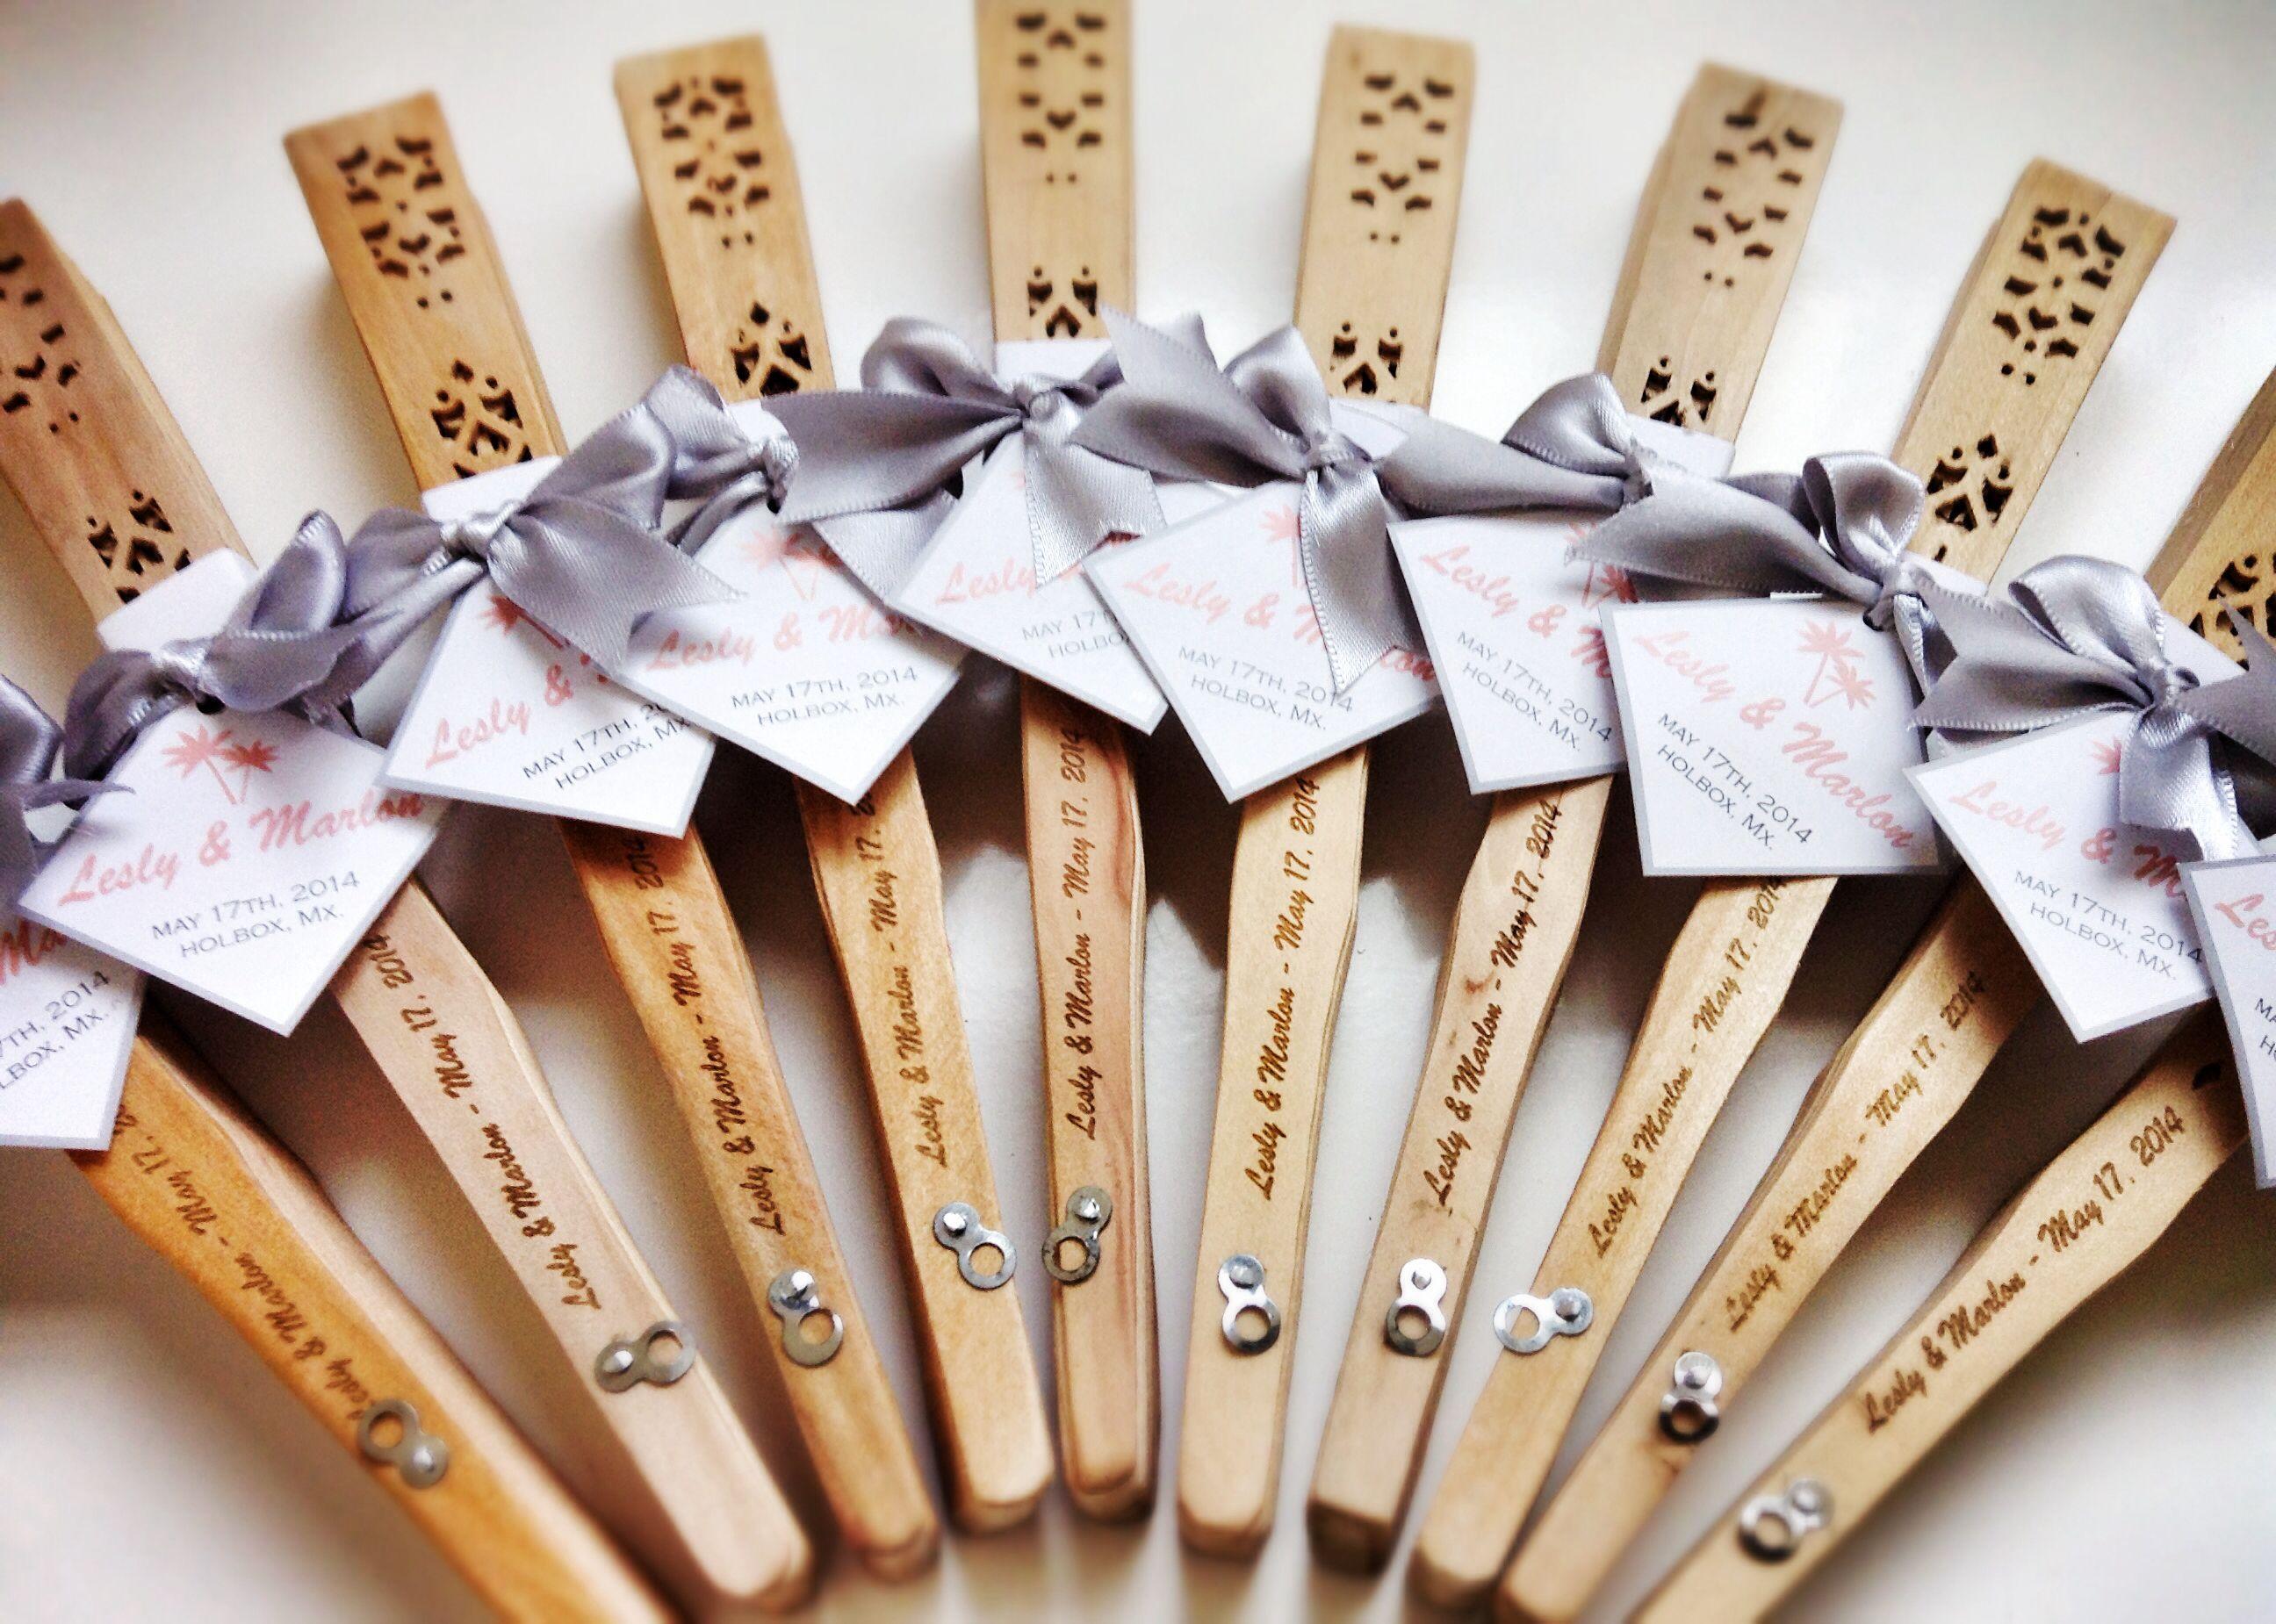 Bonitos abanicos d madera con grabado l ser personalizado - Detalles de decoracion ...